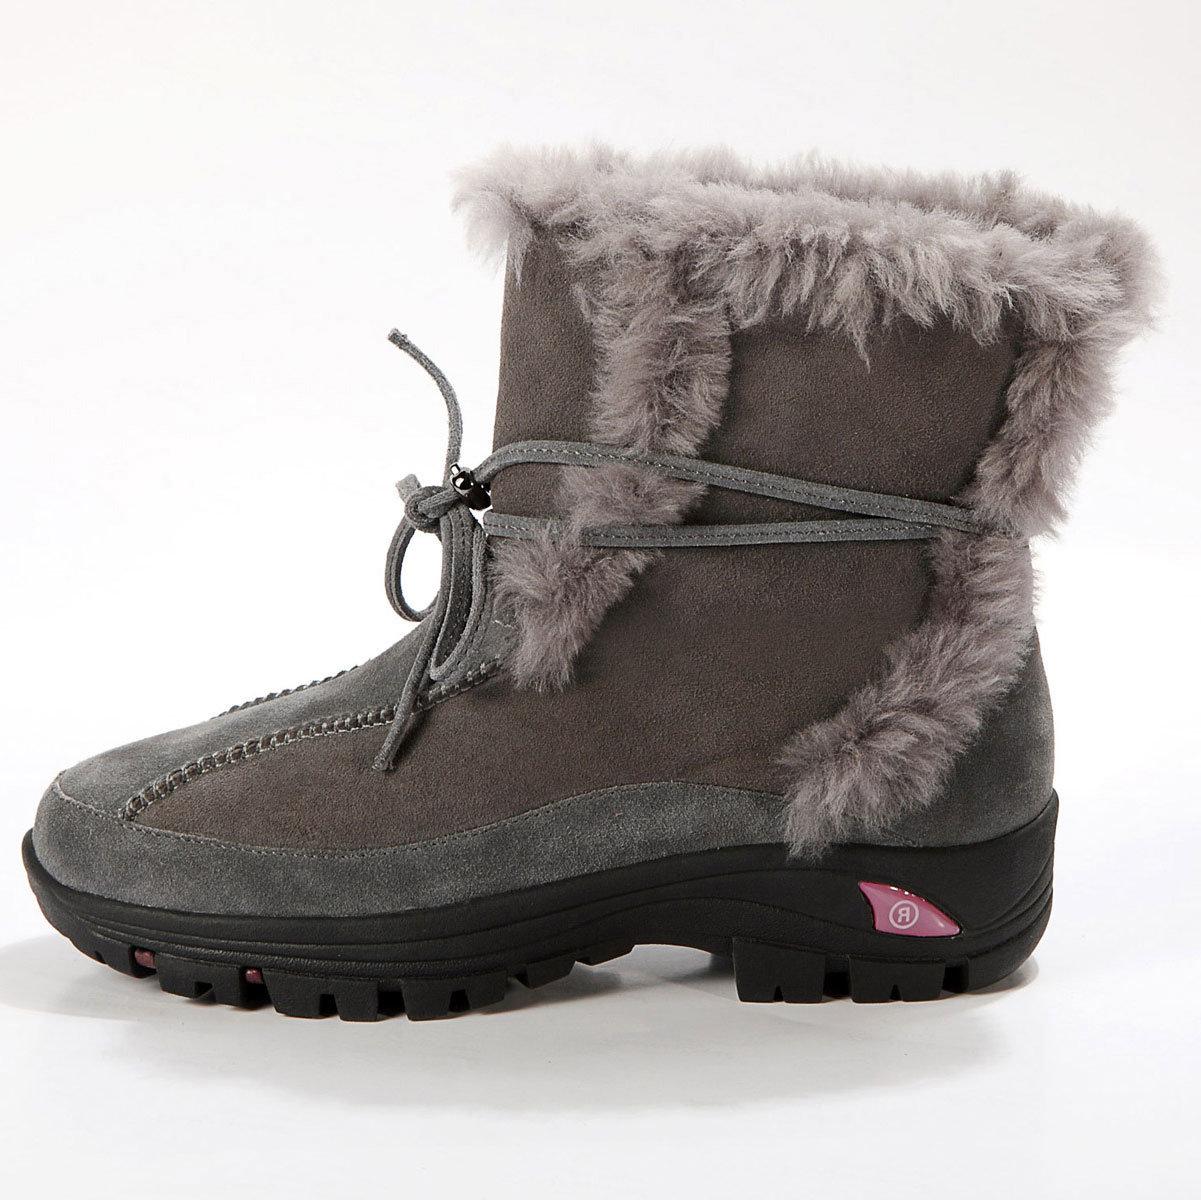 Luxury  Sportswear Bugapowder 2 Winter Boots For Women In TuskCinnamon